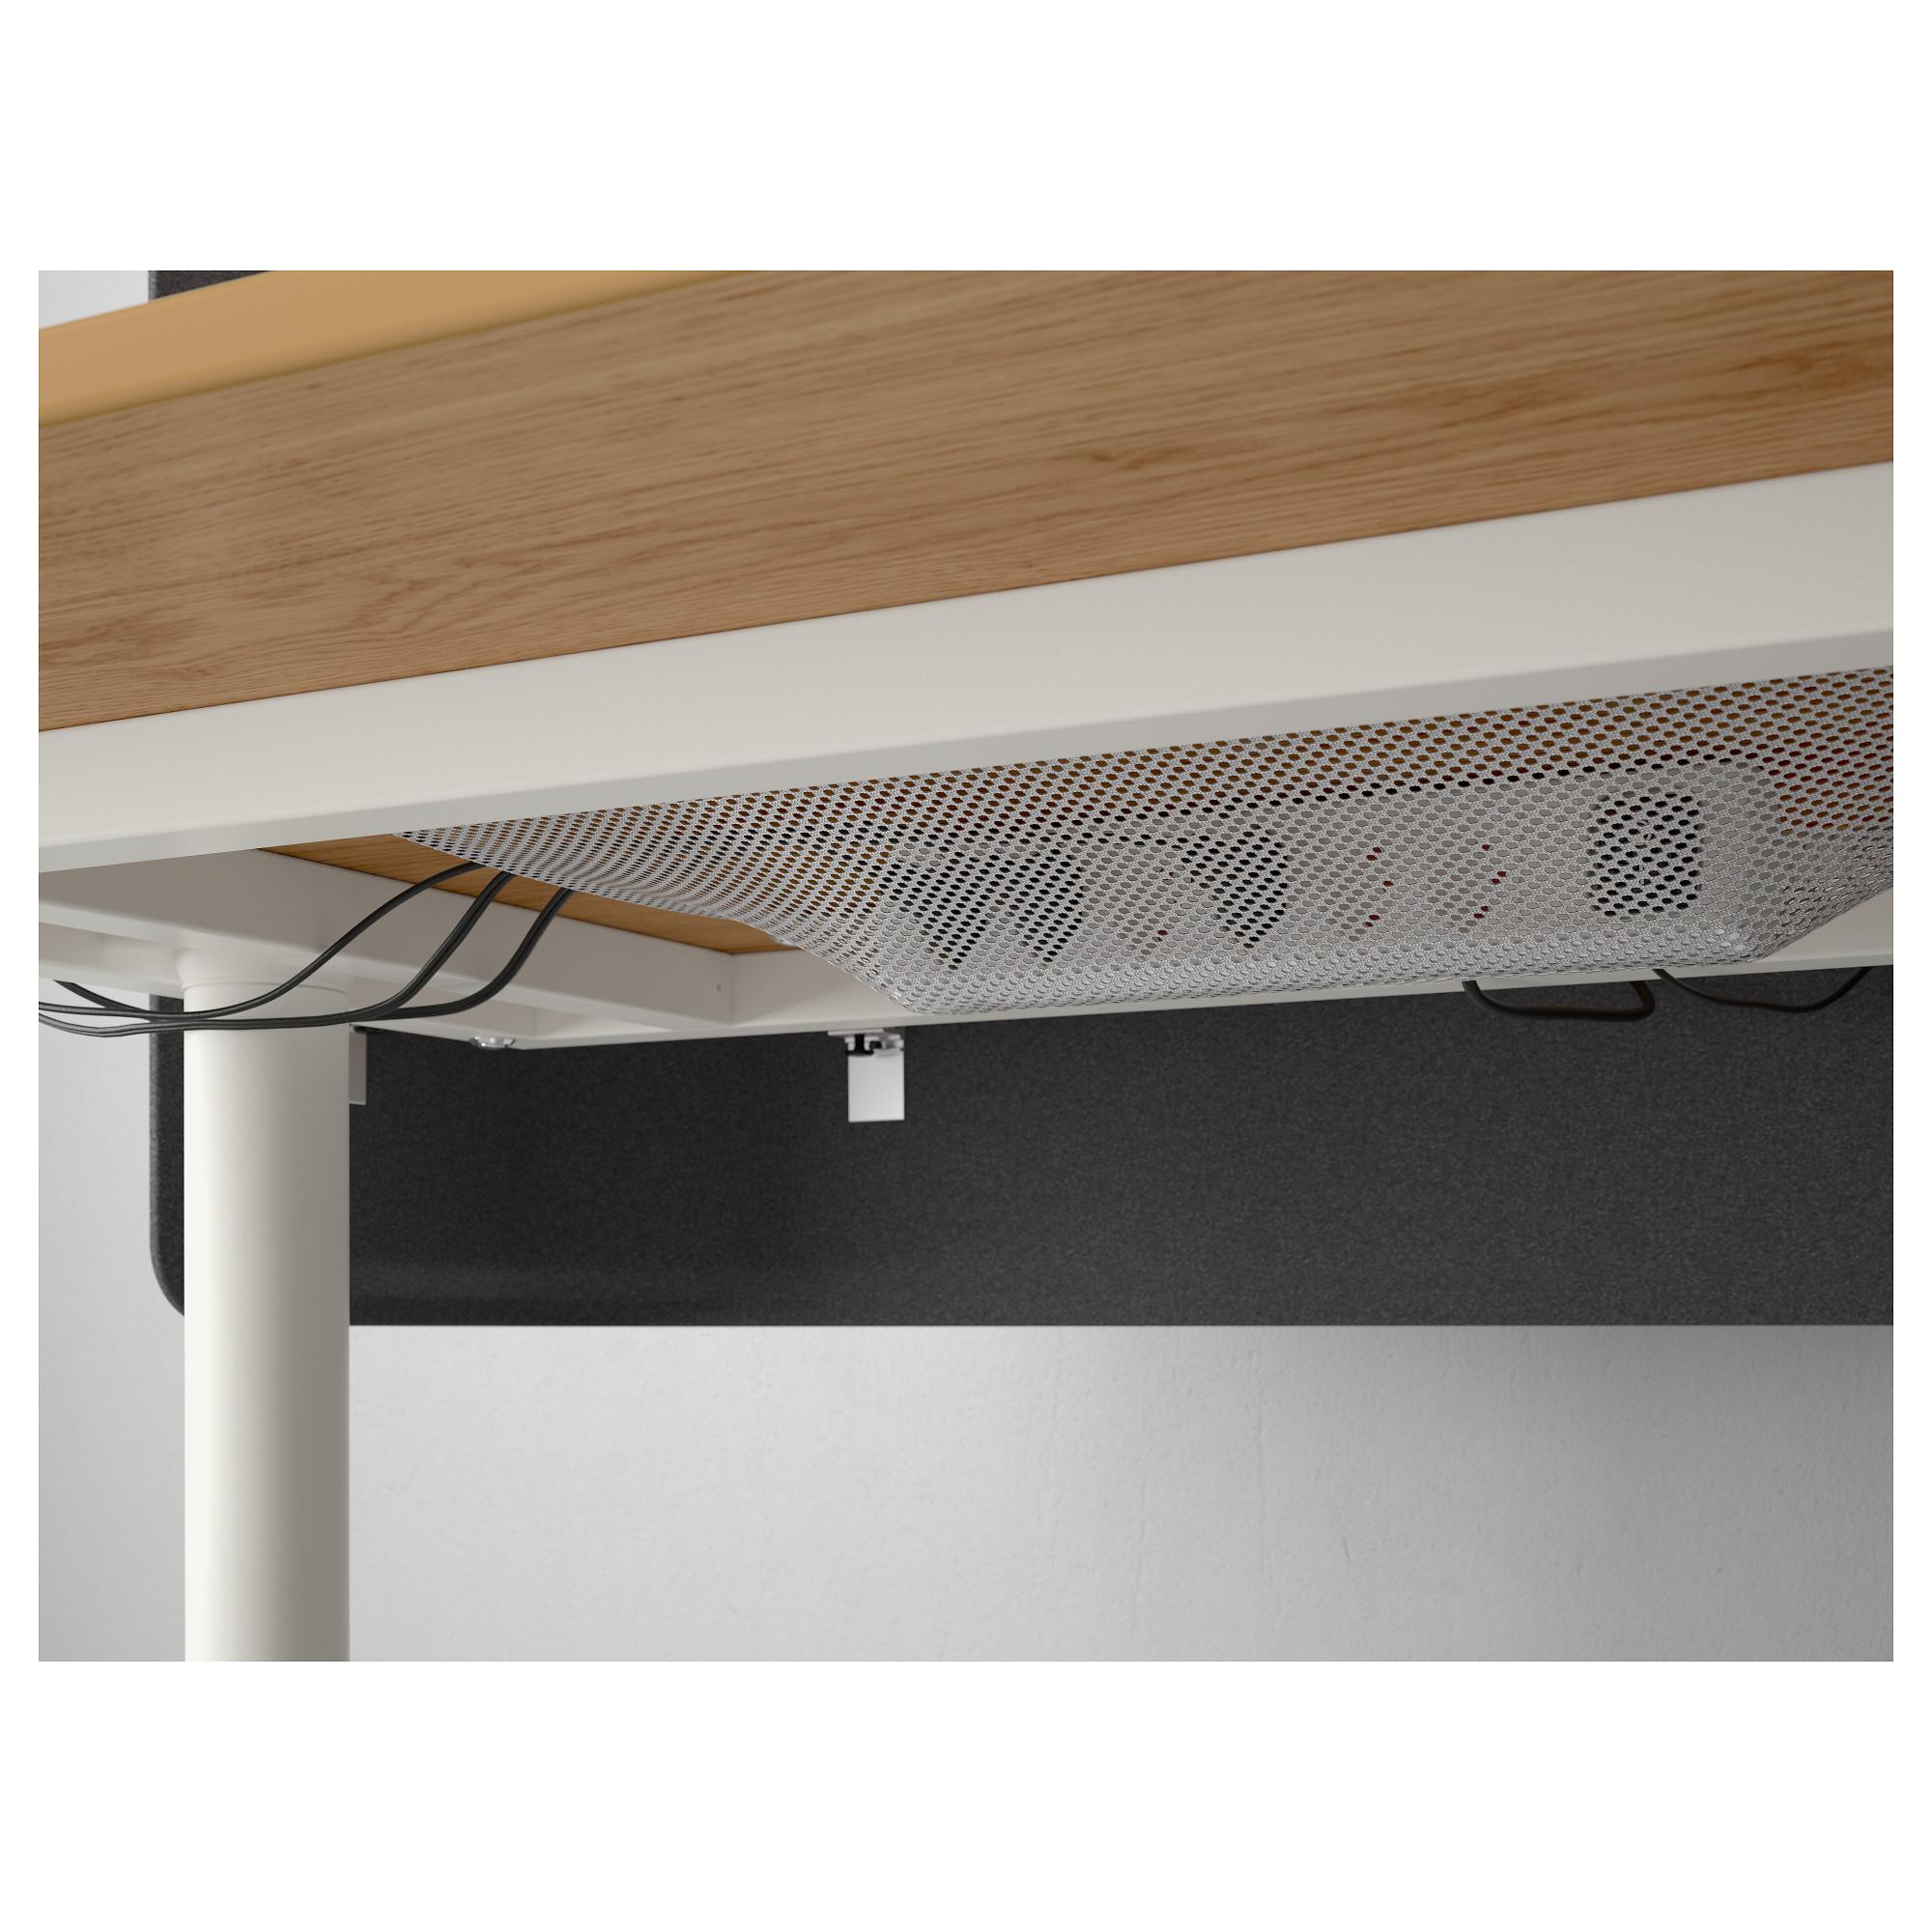 Стол для приемной БЕКАНТ белый артикуль № 092.786.49 в наличии. Online сайт IKEA РБ. Недорогая доставка и соборка.